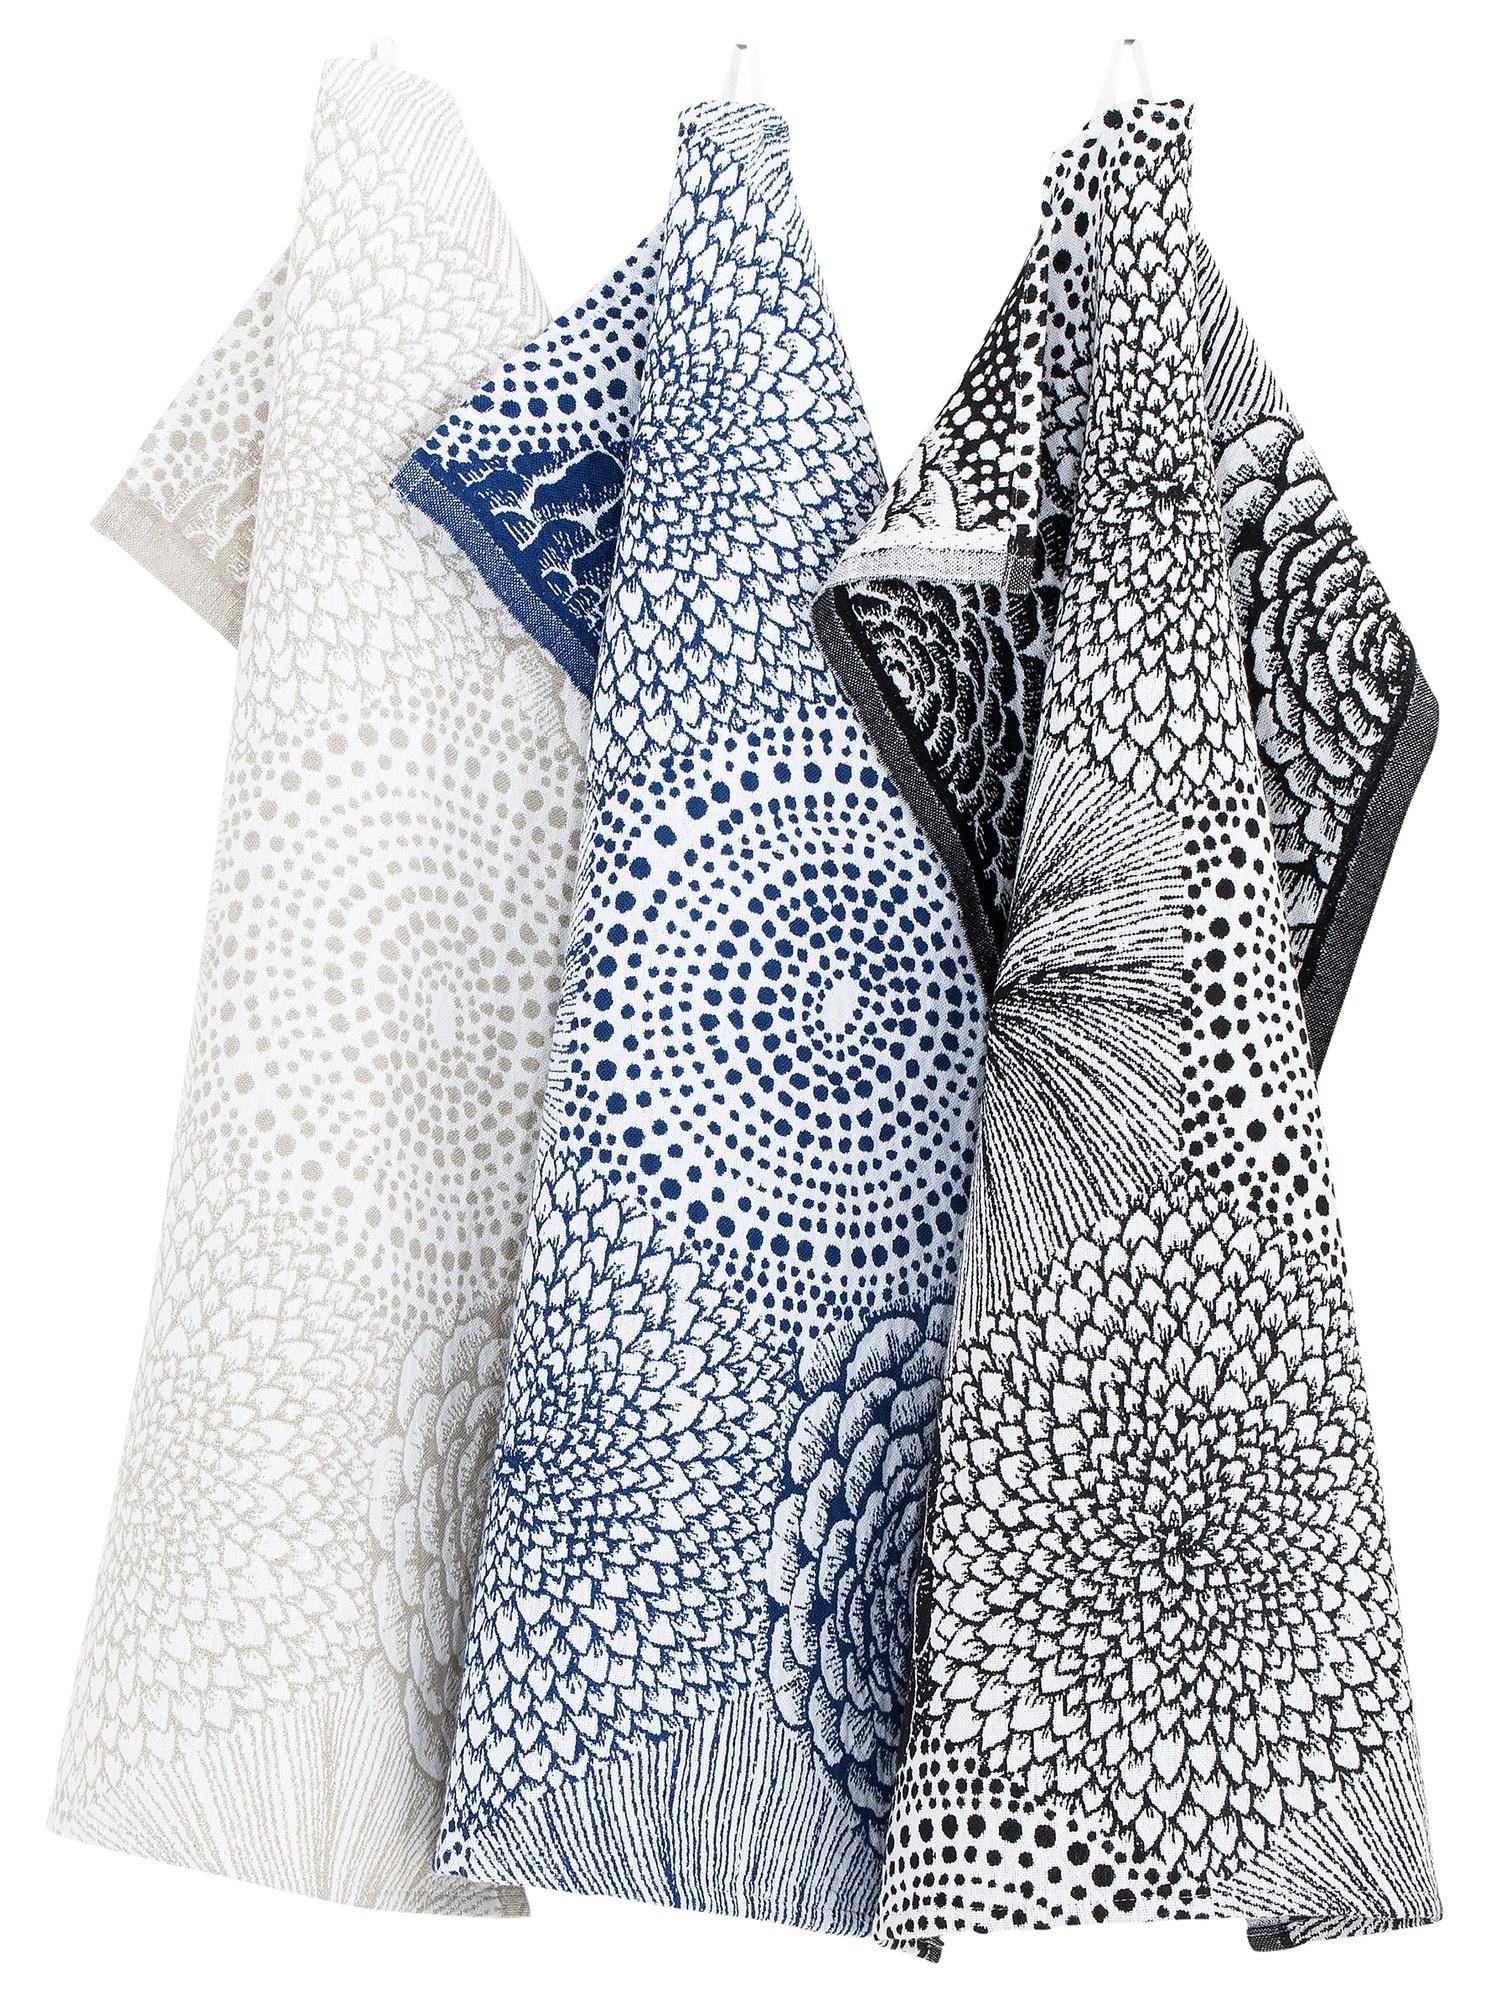 RUUT - Küchentuch Blau Weiß - 48x70